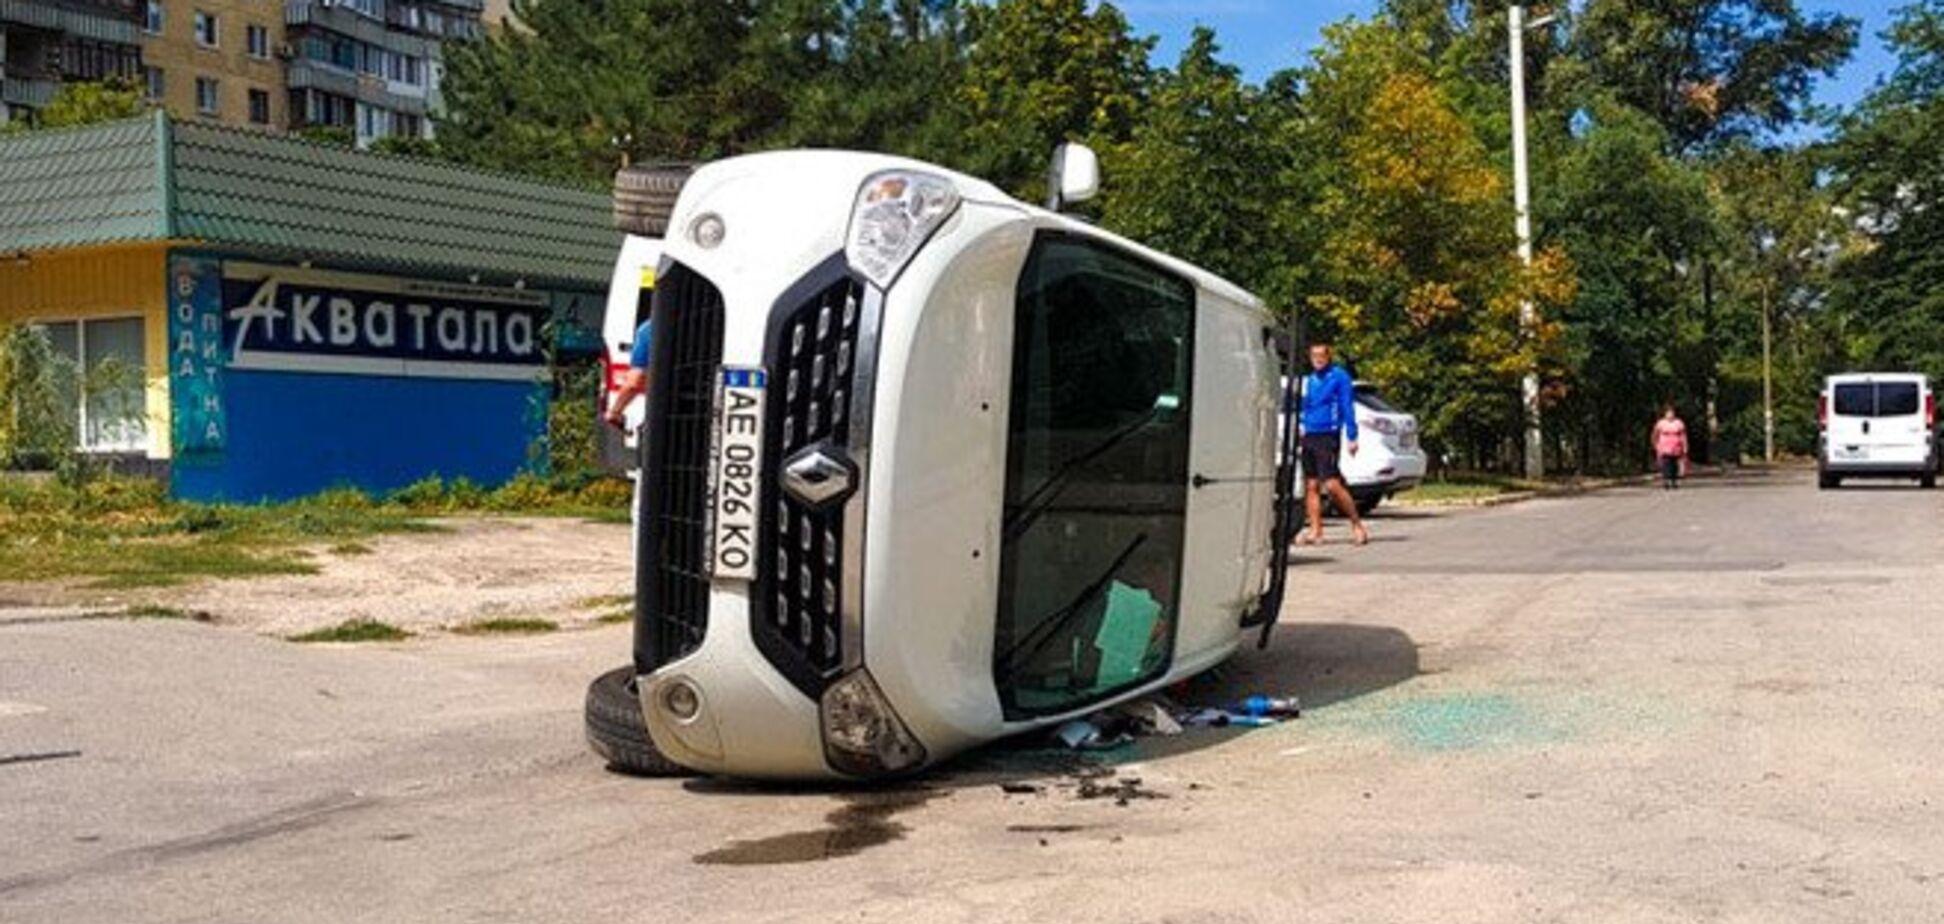 Машина перекинулася від удару: в Дніпрі сталася ДТП. З'явилося відео